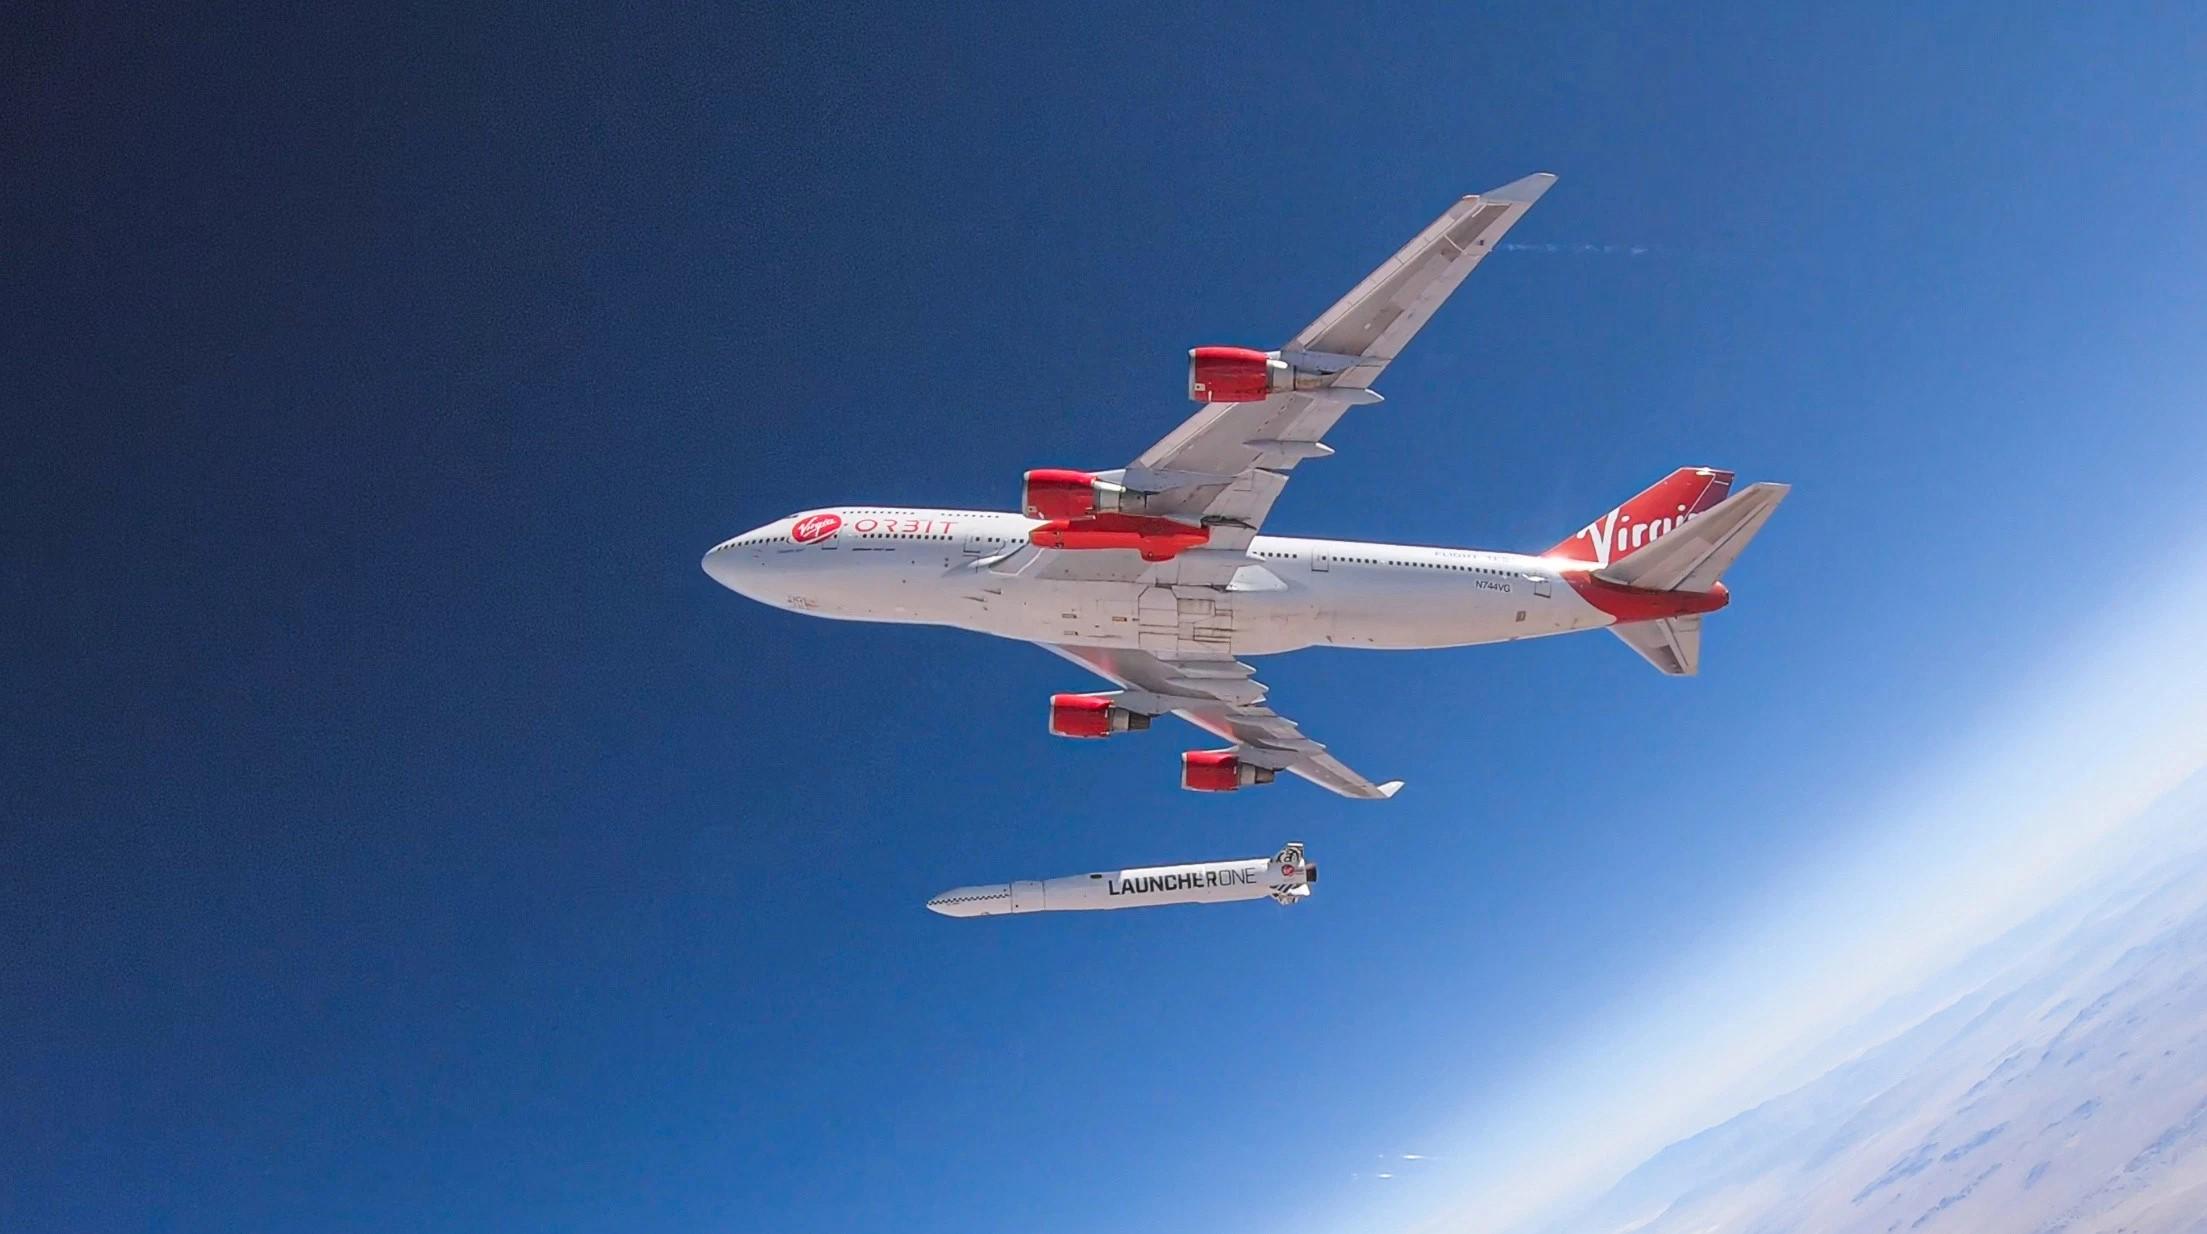 Отделение ракеты Launcherone от борта самолёта Boeing 747